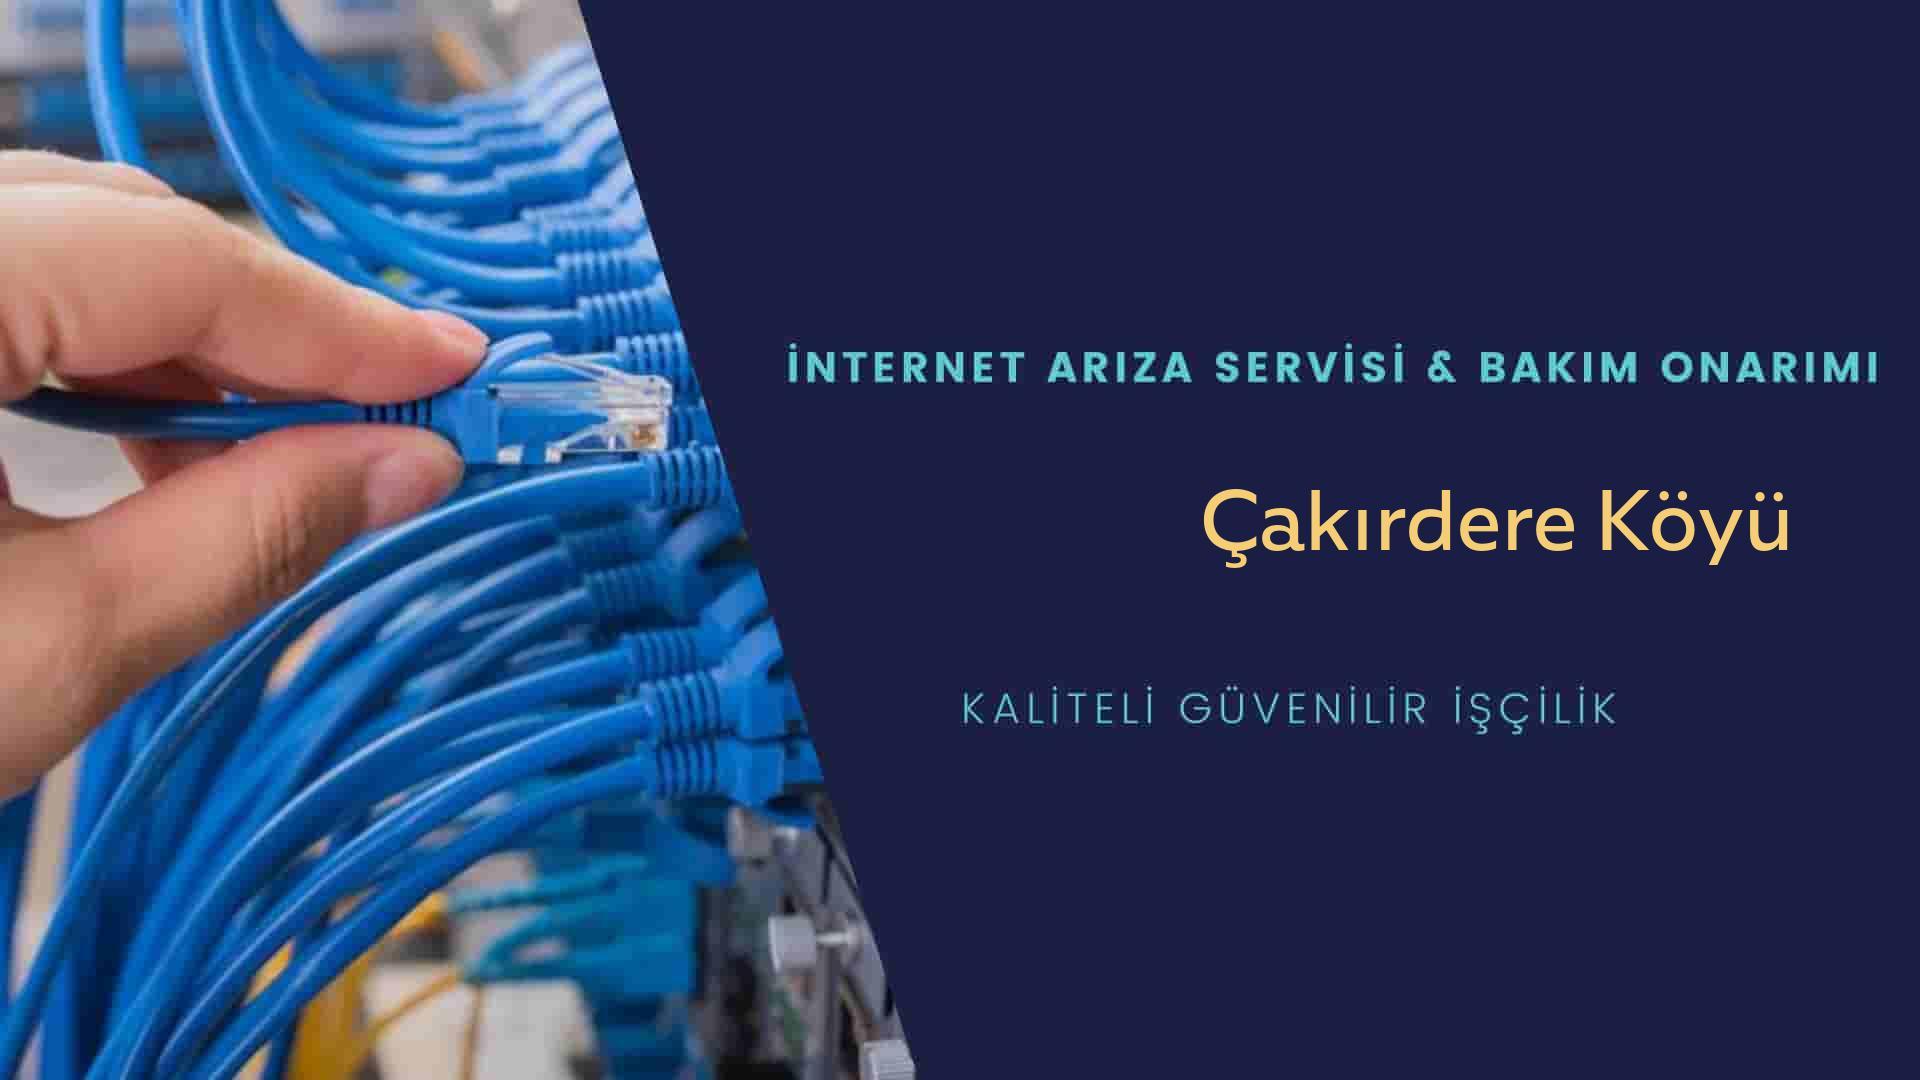 Çakırdere Köyü internet kablosu çekimi yapan yerler veya elektrikçiler mi? arıyorsunuz doğru yerdesiniz o zaman sizlere 7/24 yardımcı olacak profesyonel ustalarımız bir telefon kadar yakındır size.